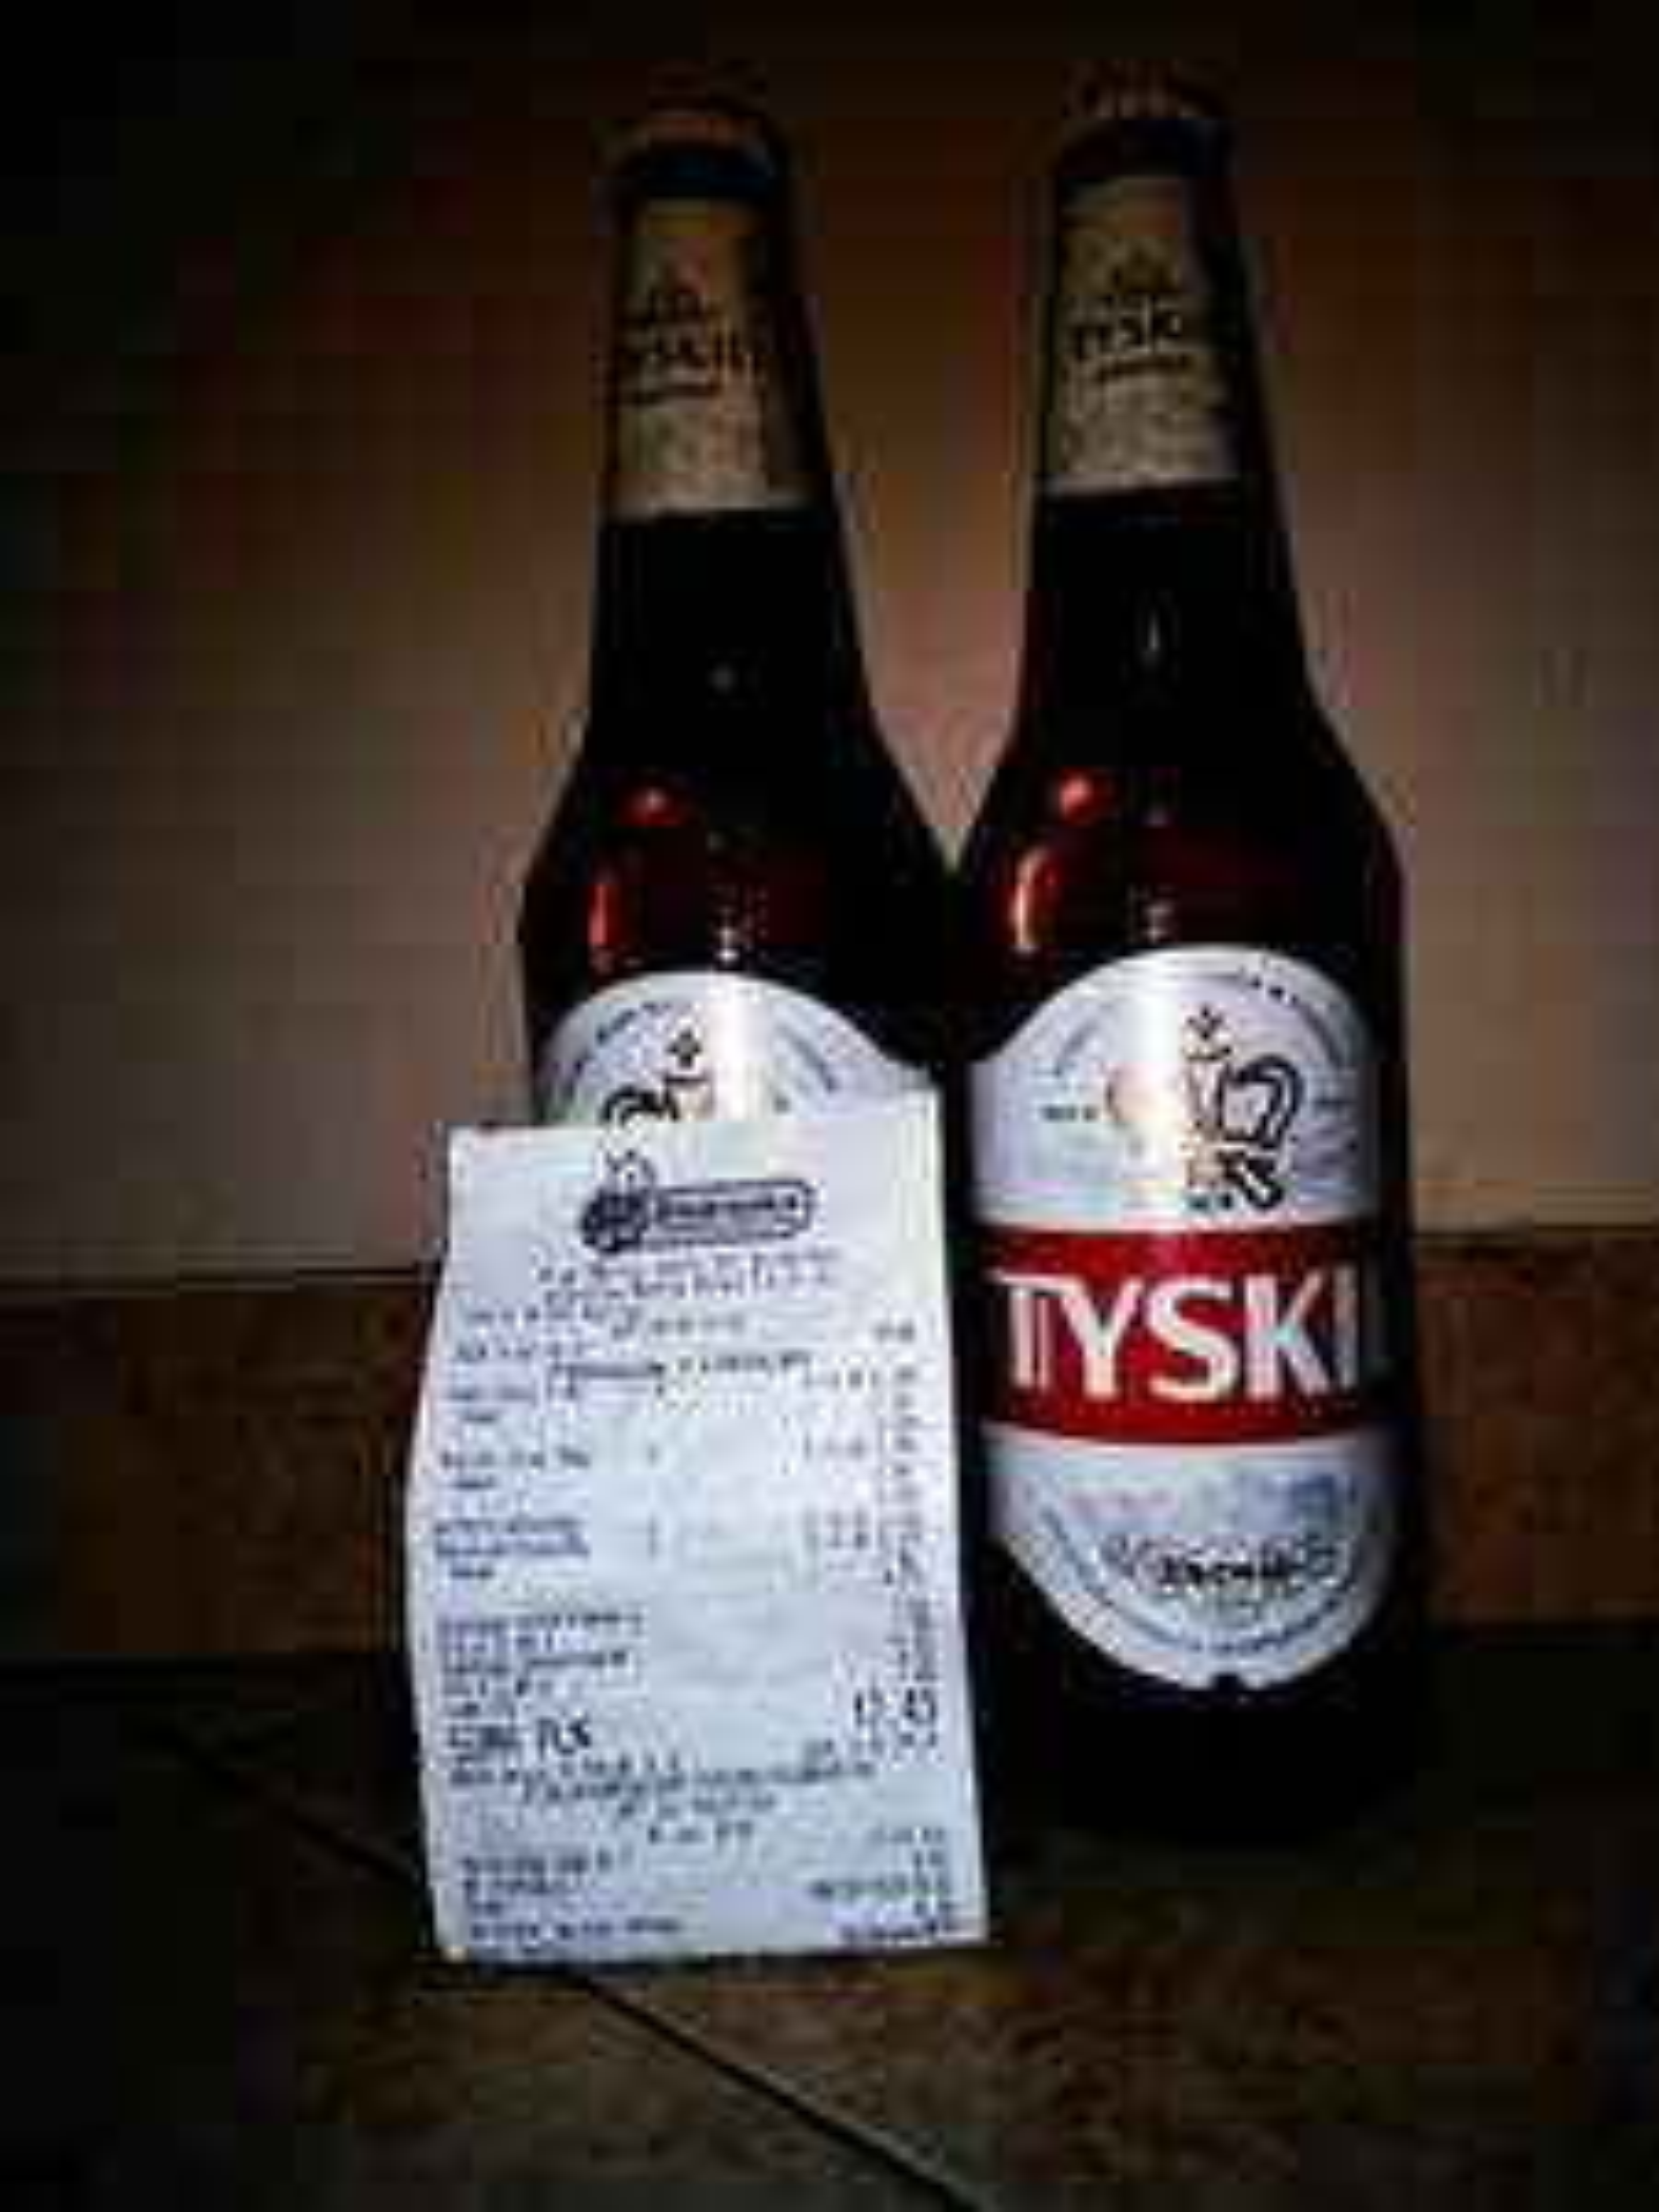 Piwo Tyskie Gronie 0,65l przy zakupie 2 butelek Biedronka